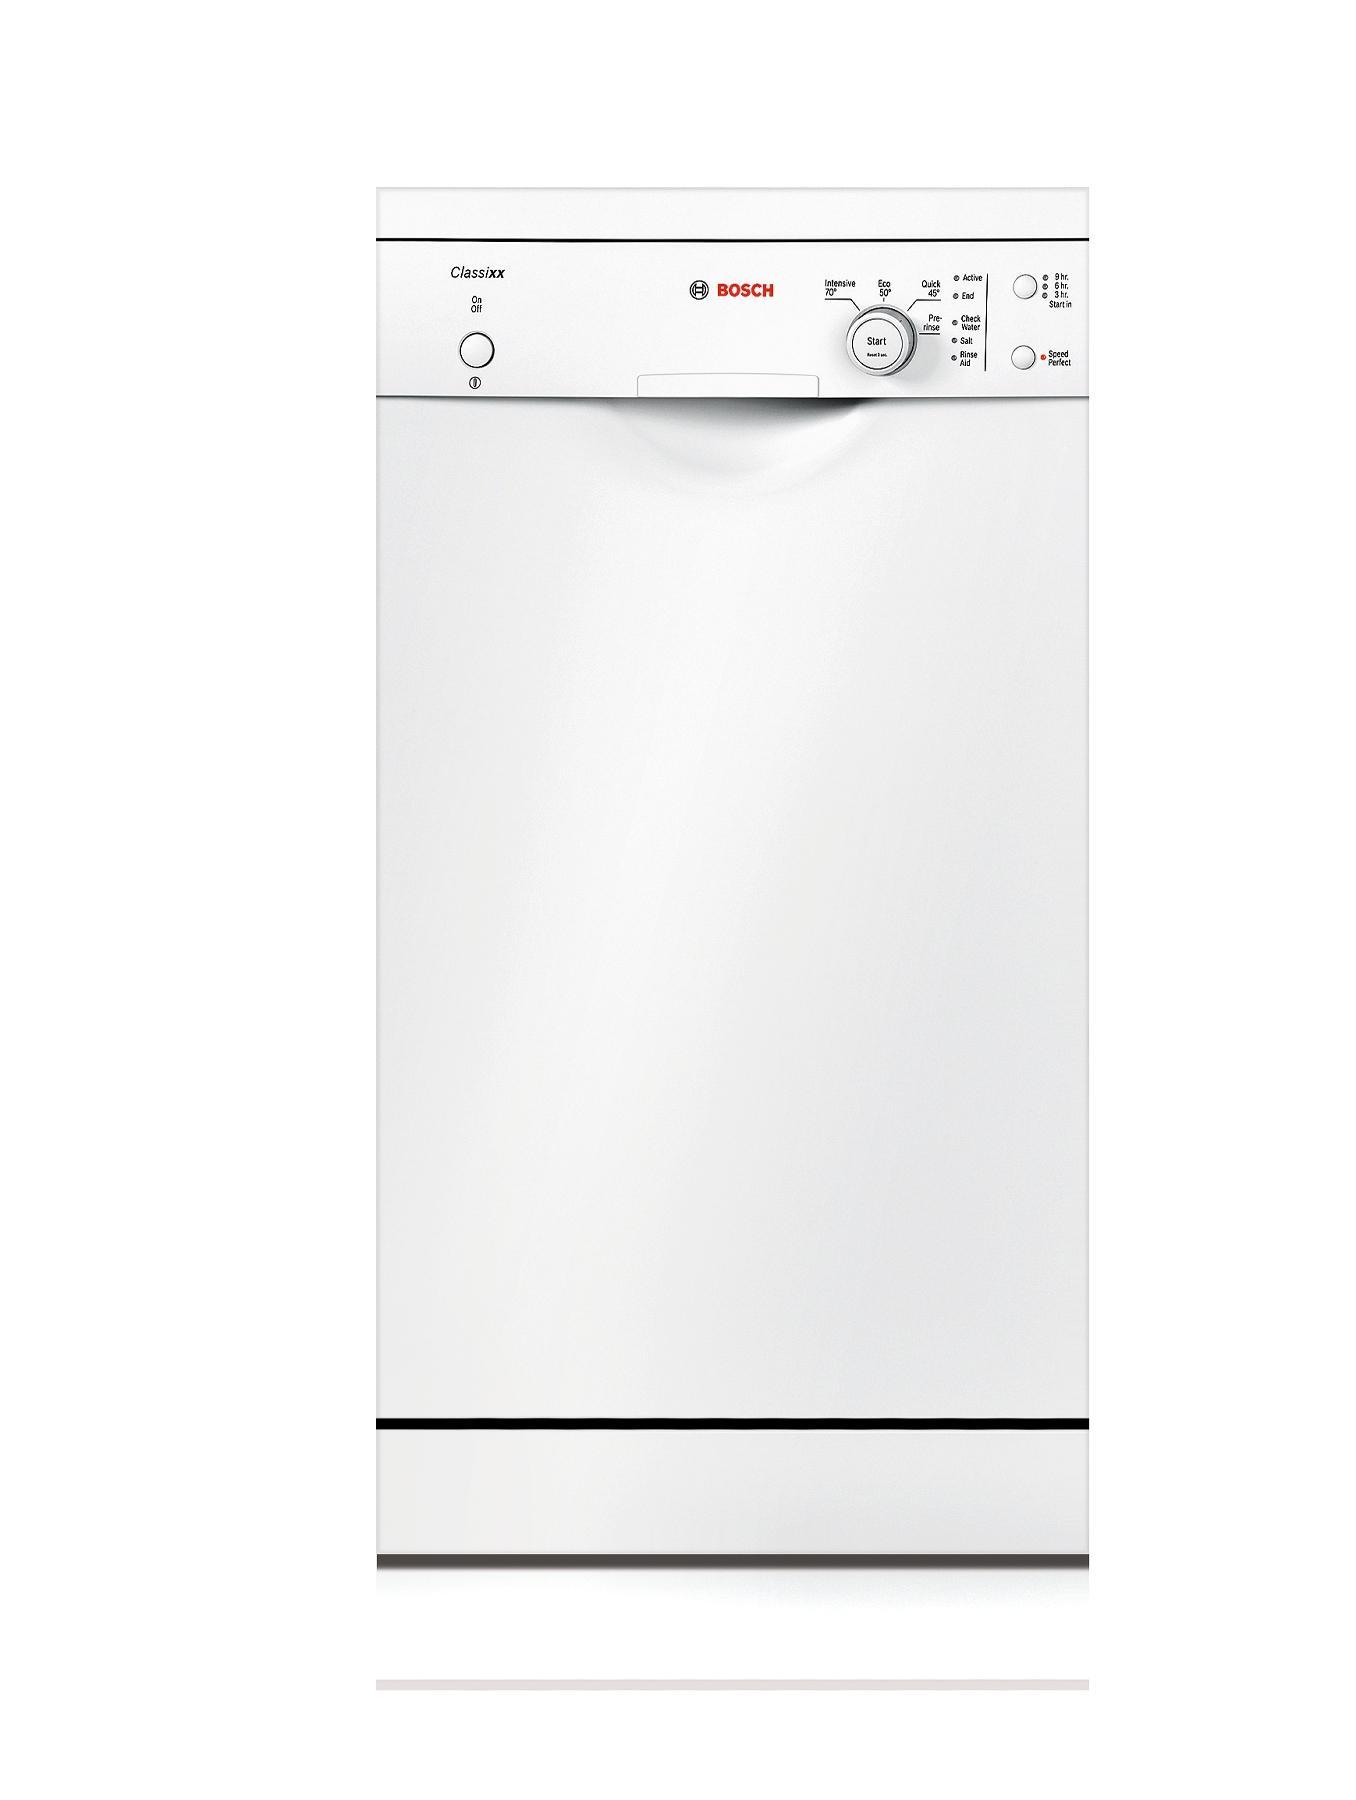 9 Place Slimline Dishwasher - White